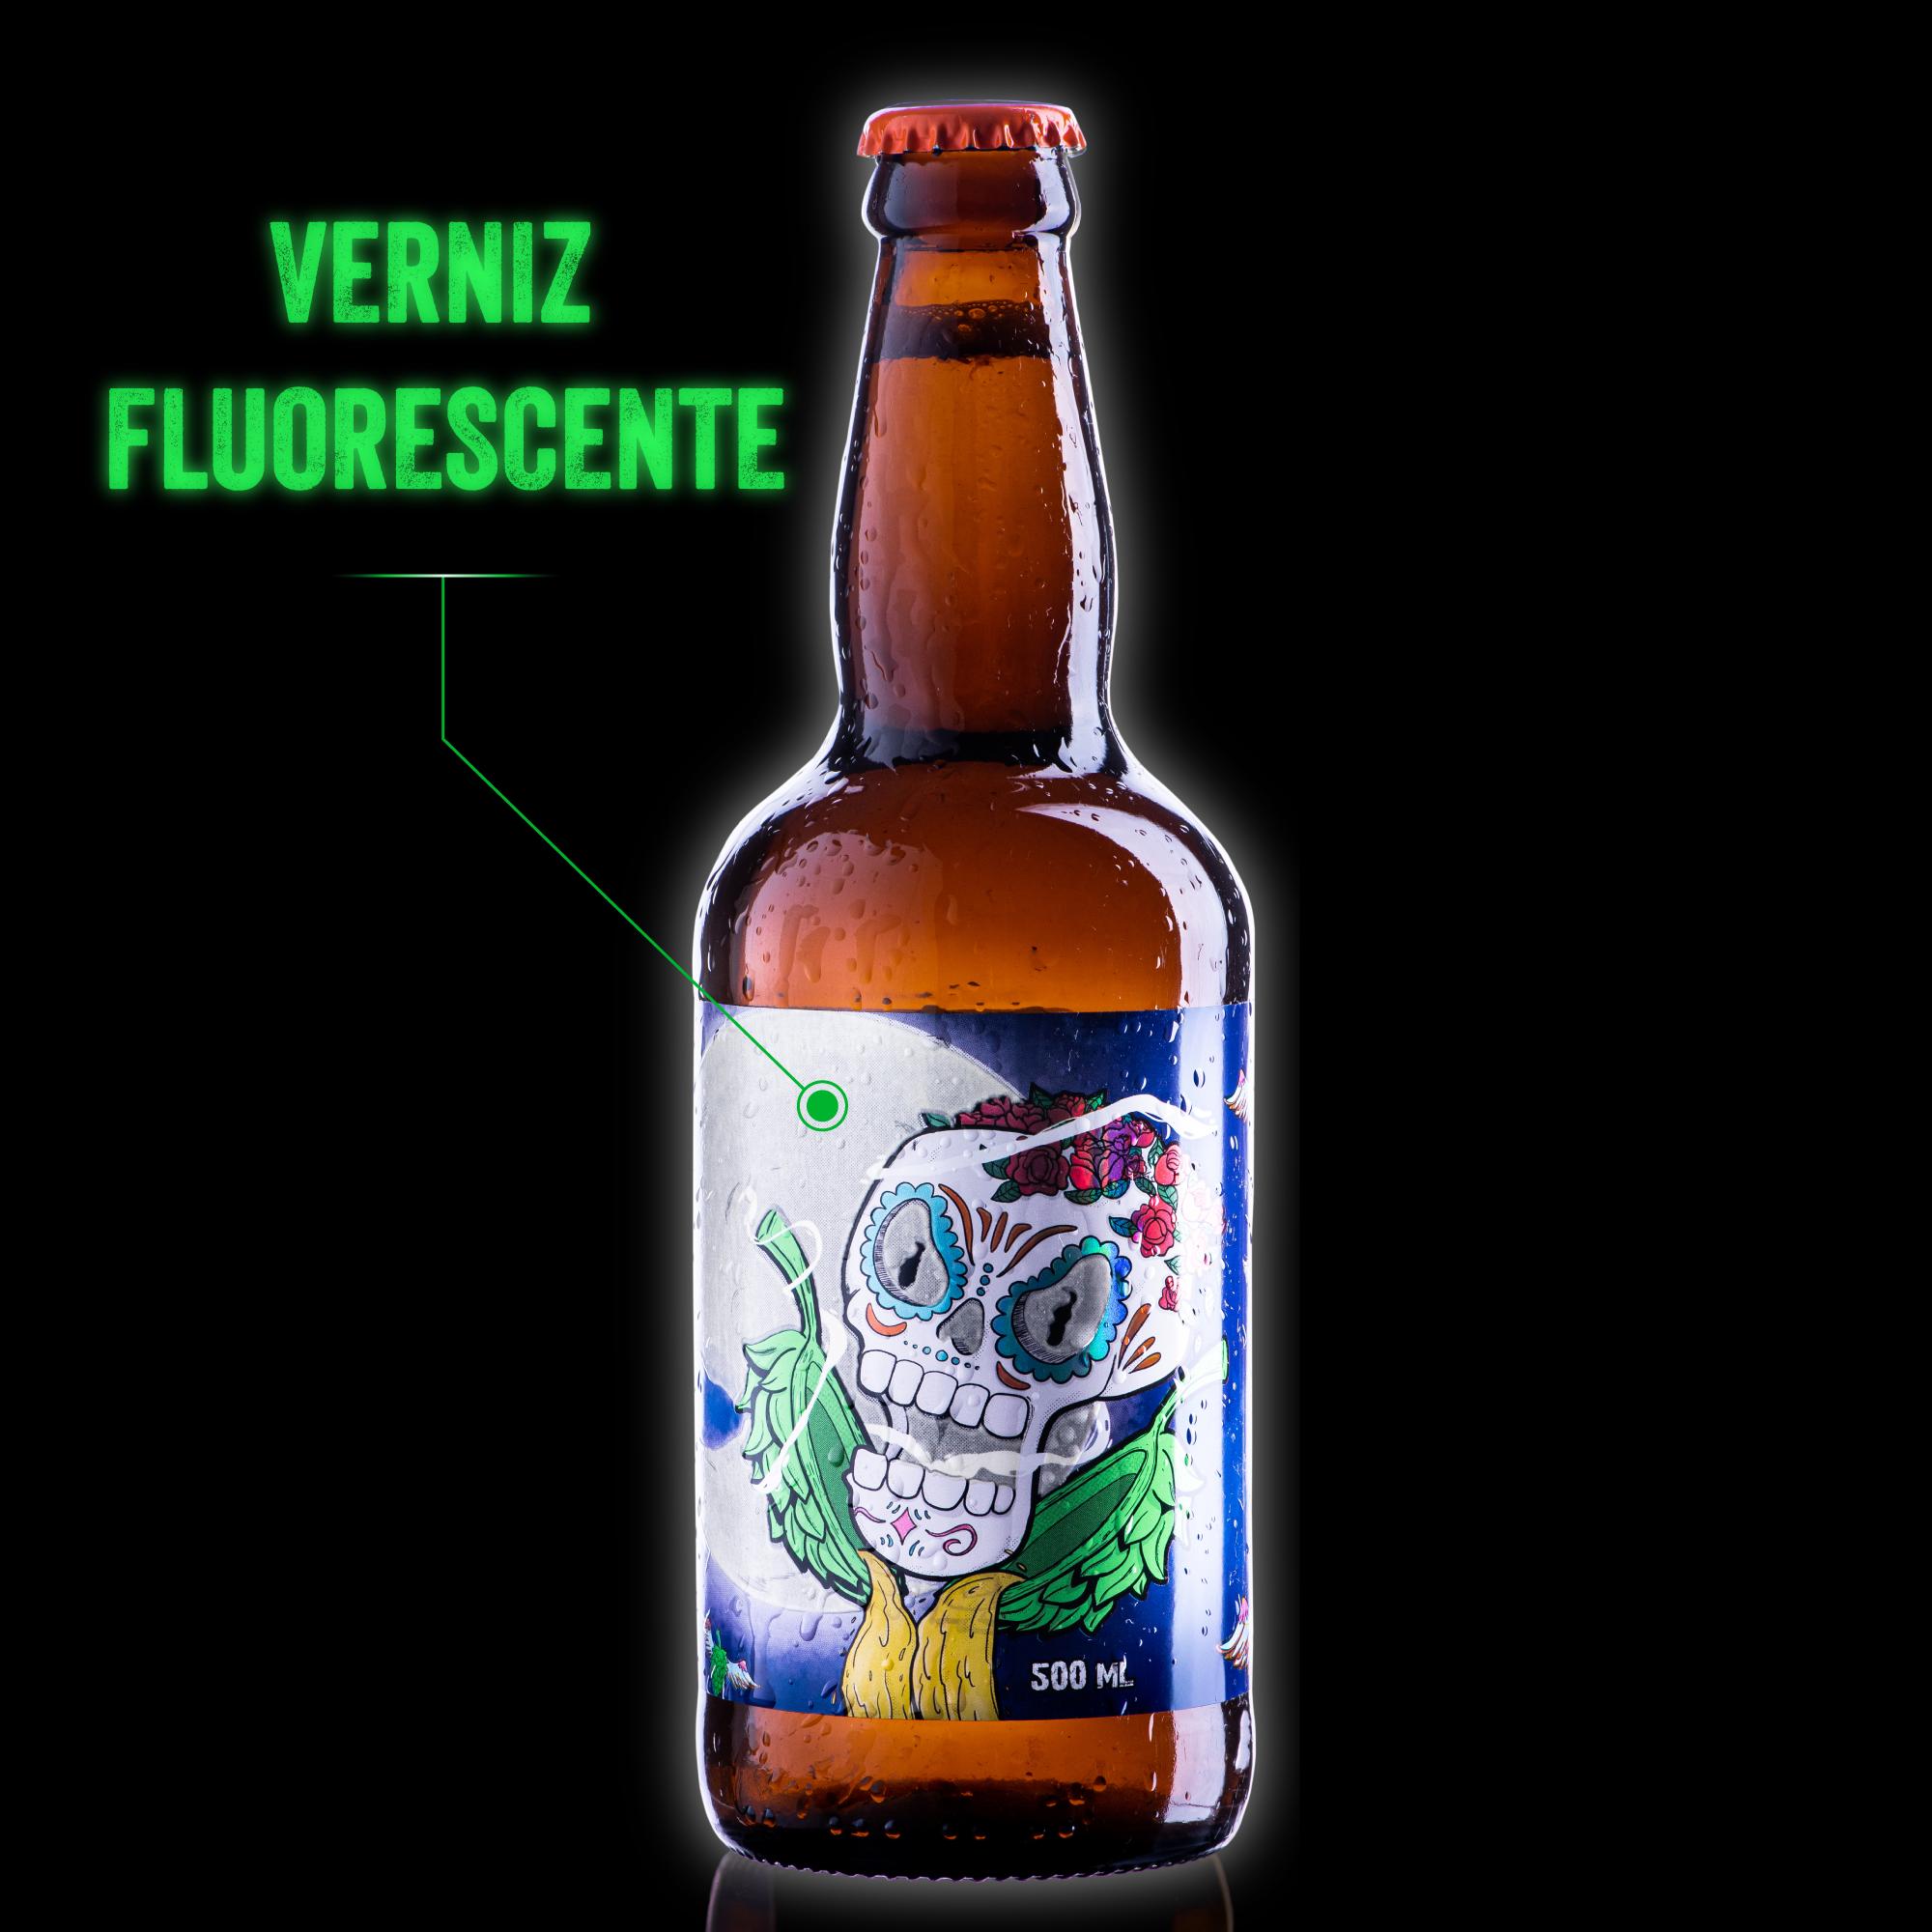 Rótulo LabelBeer - Dia de los amarillos - Verniz Fluorescente - Imagina sua cerveja com abóbora com esse efeito!